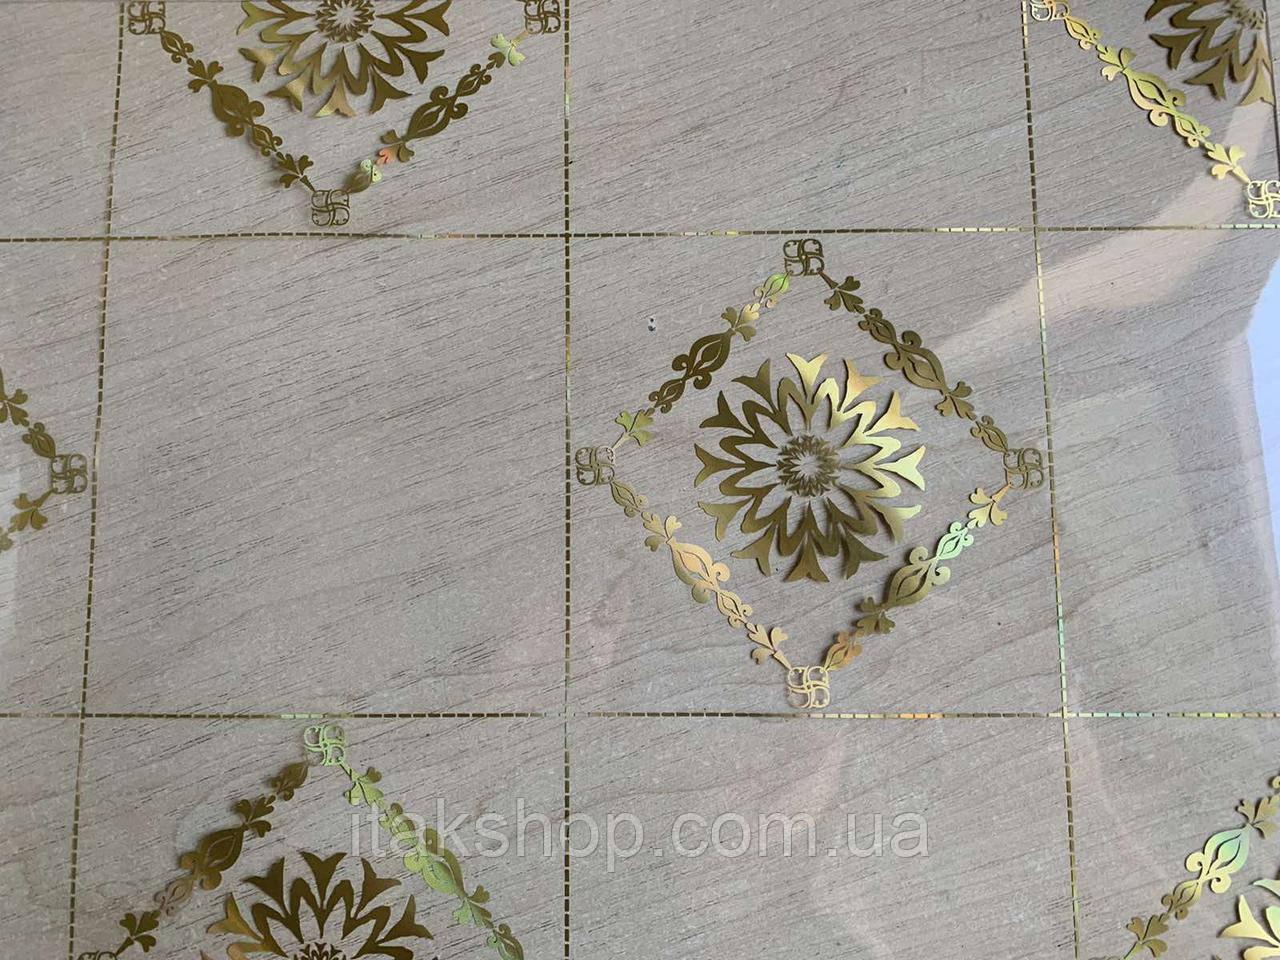 Мягкое стекло Скатерть с лазерным рисунком для мебели Soft Glass 1.1х0.8м толщина 1.5мм Золотистая клетка